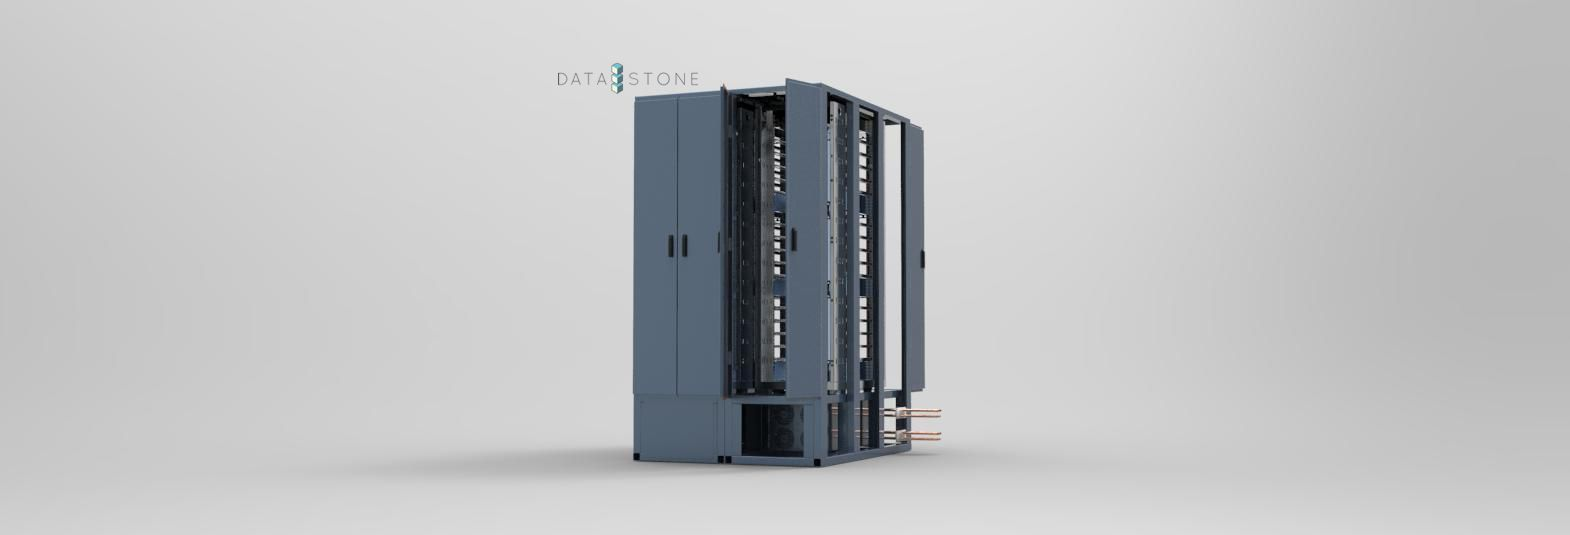 Modular DC DataStone OpenRack